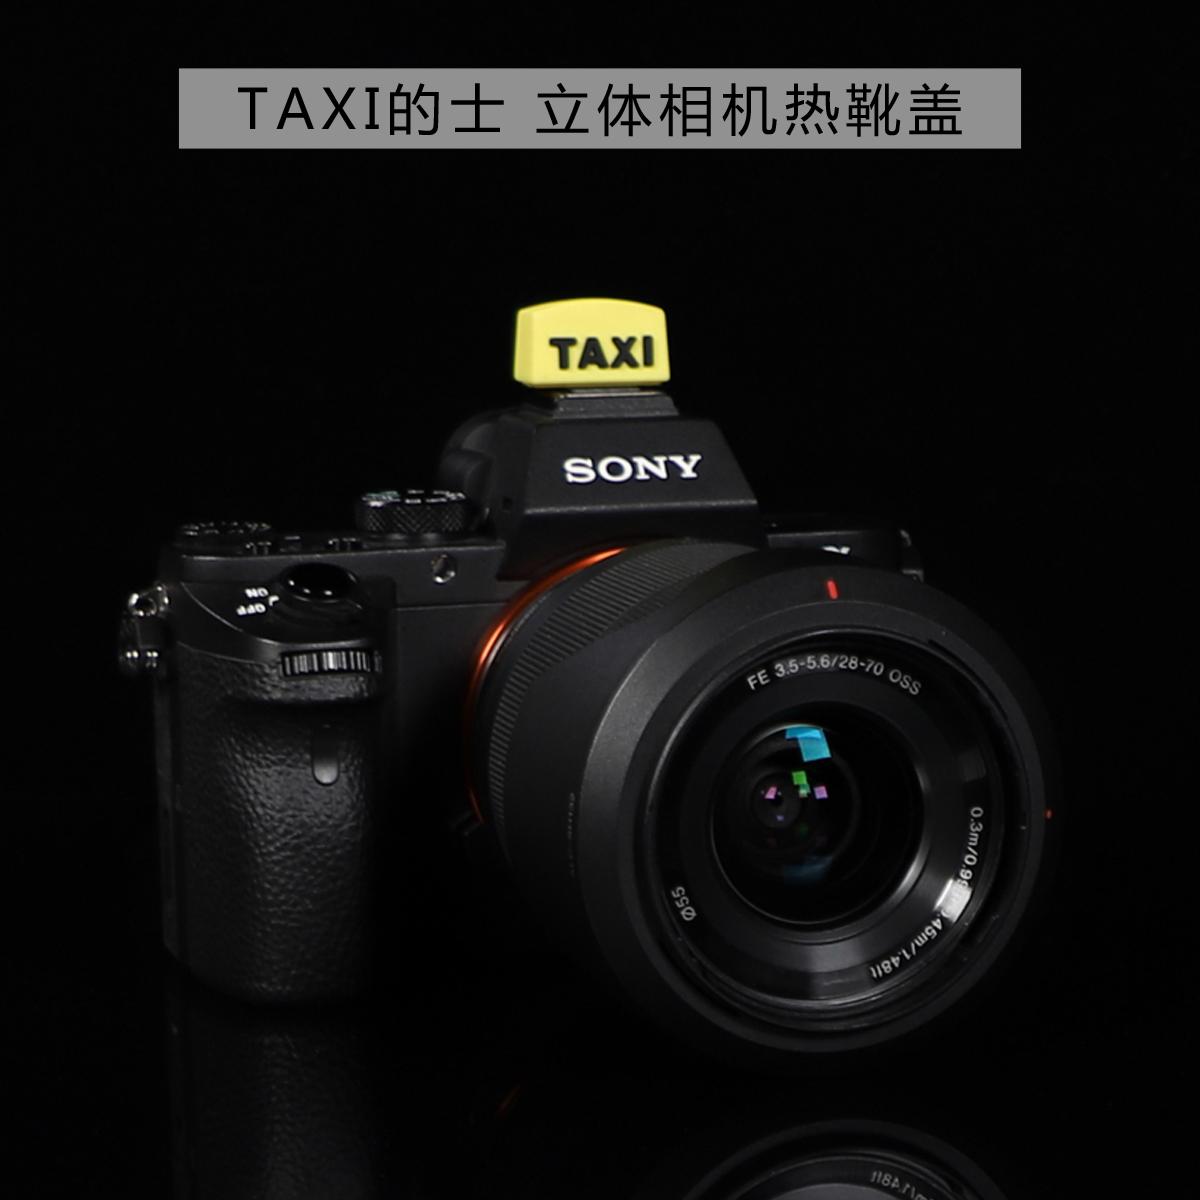 出租的士taxi熱靴蓋創意卡通相機防塵蓋富士索尼佳能尼康理光適用